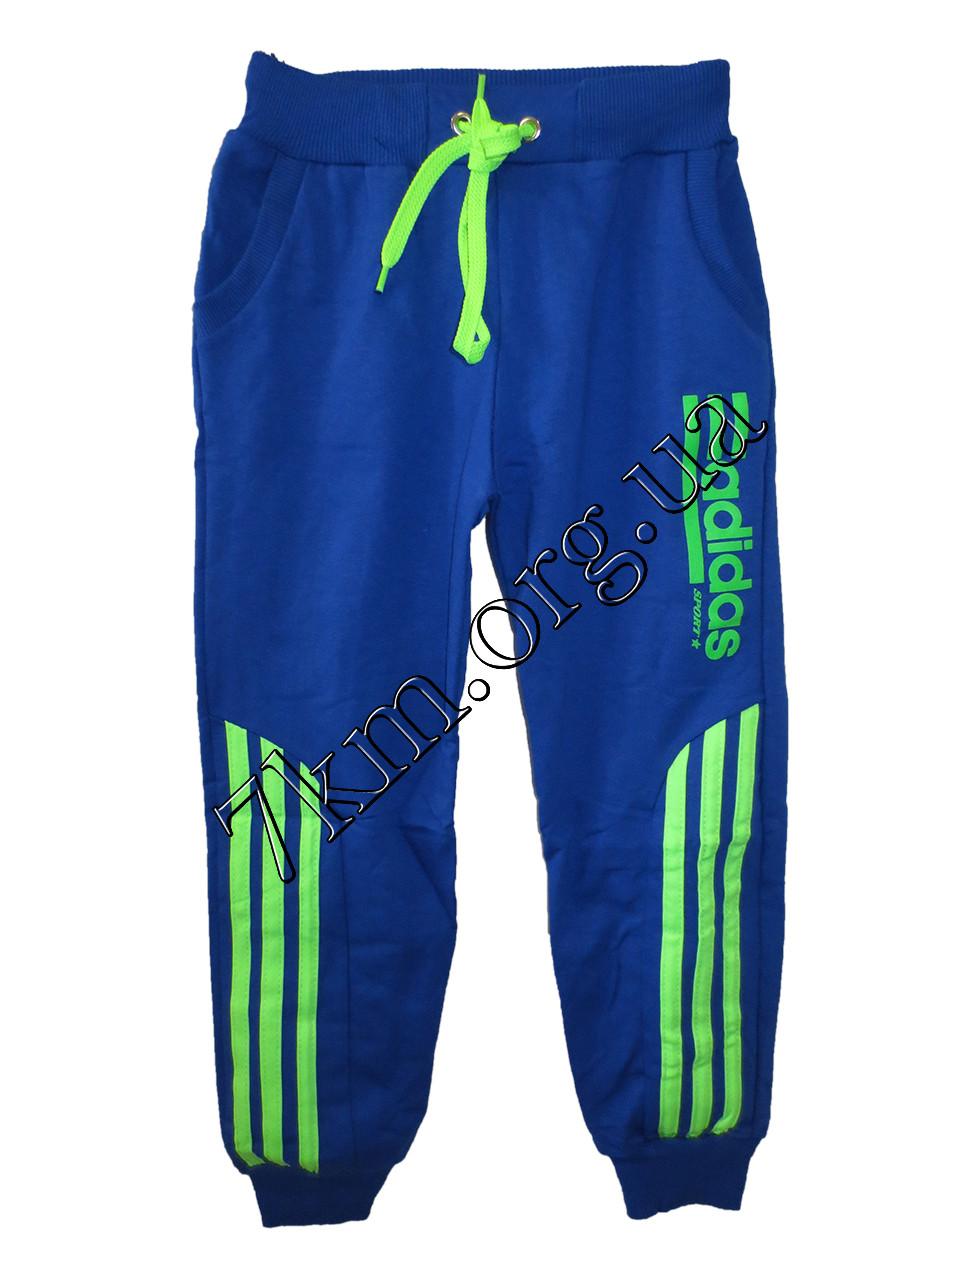 Спортивные штаны детские Реплика Adidas для мальчиков (5-8 лет) Темно трикотажные Синие